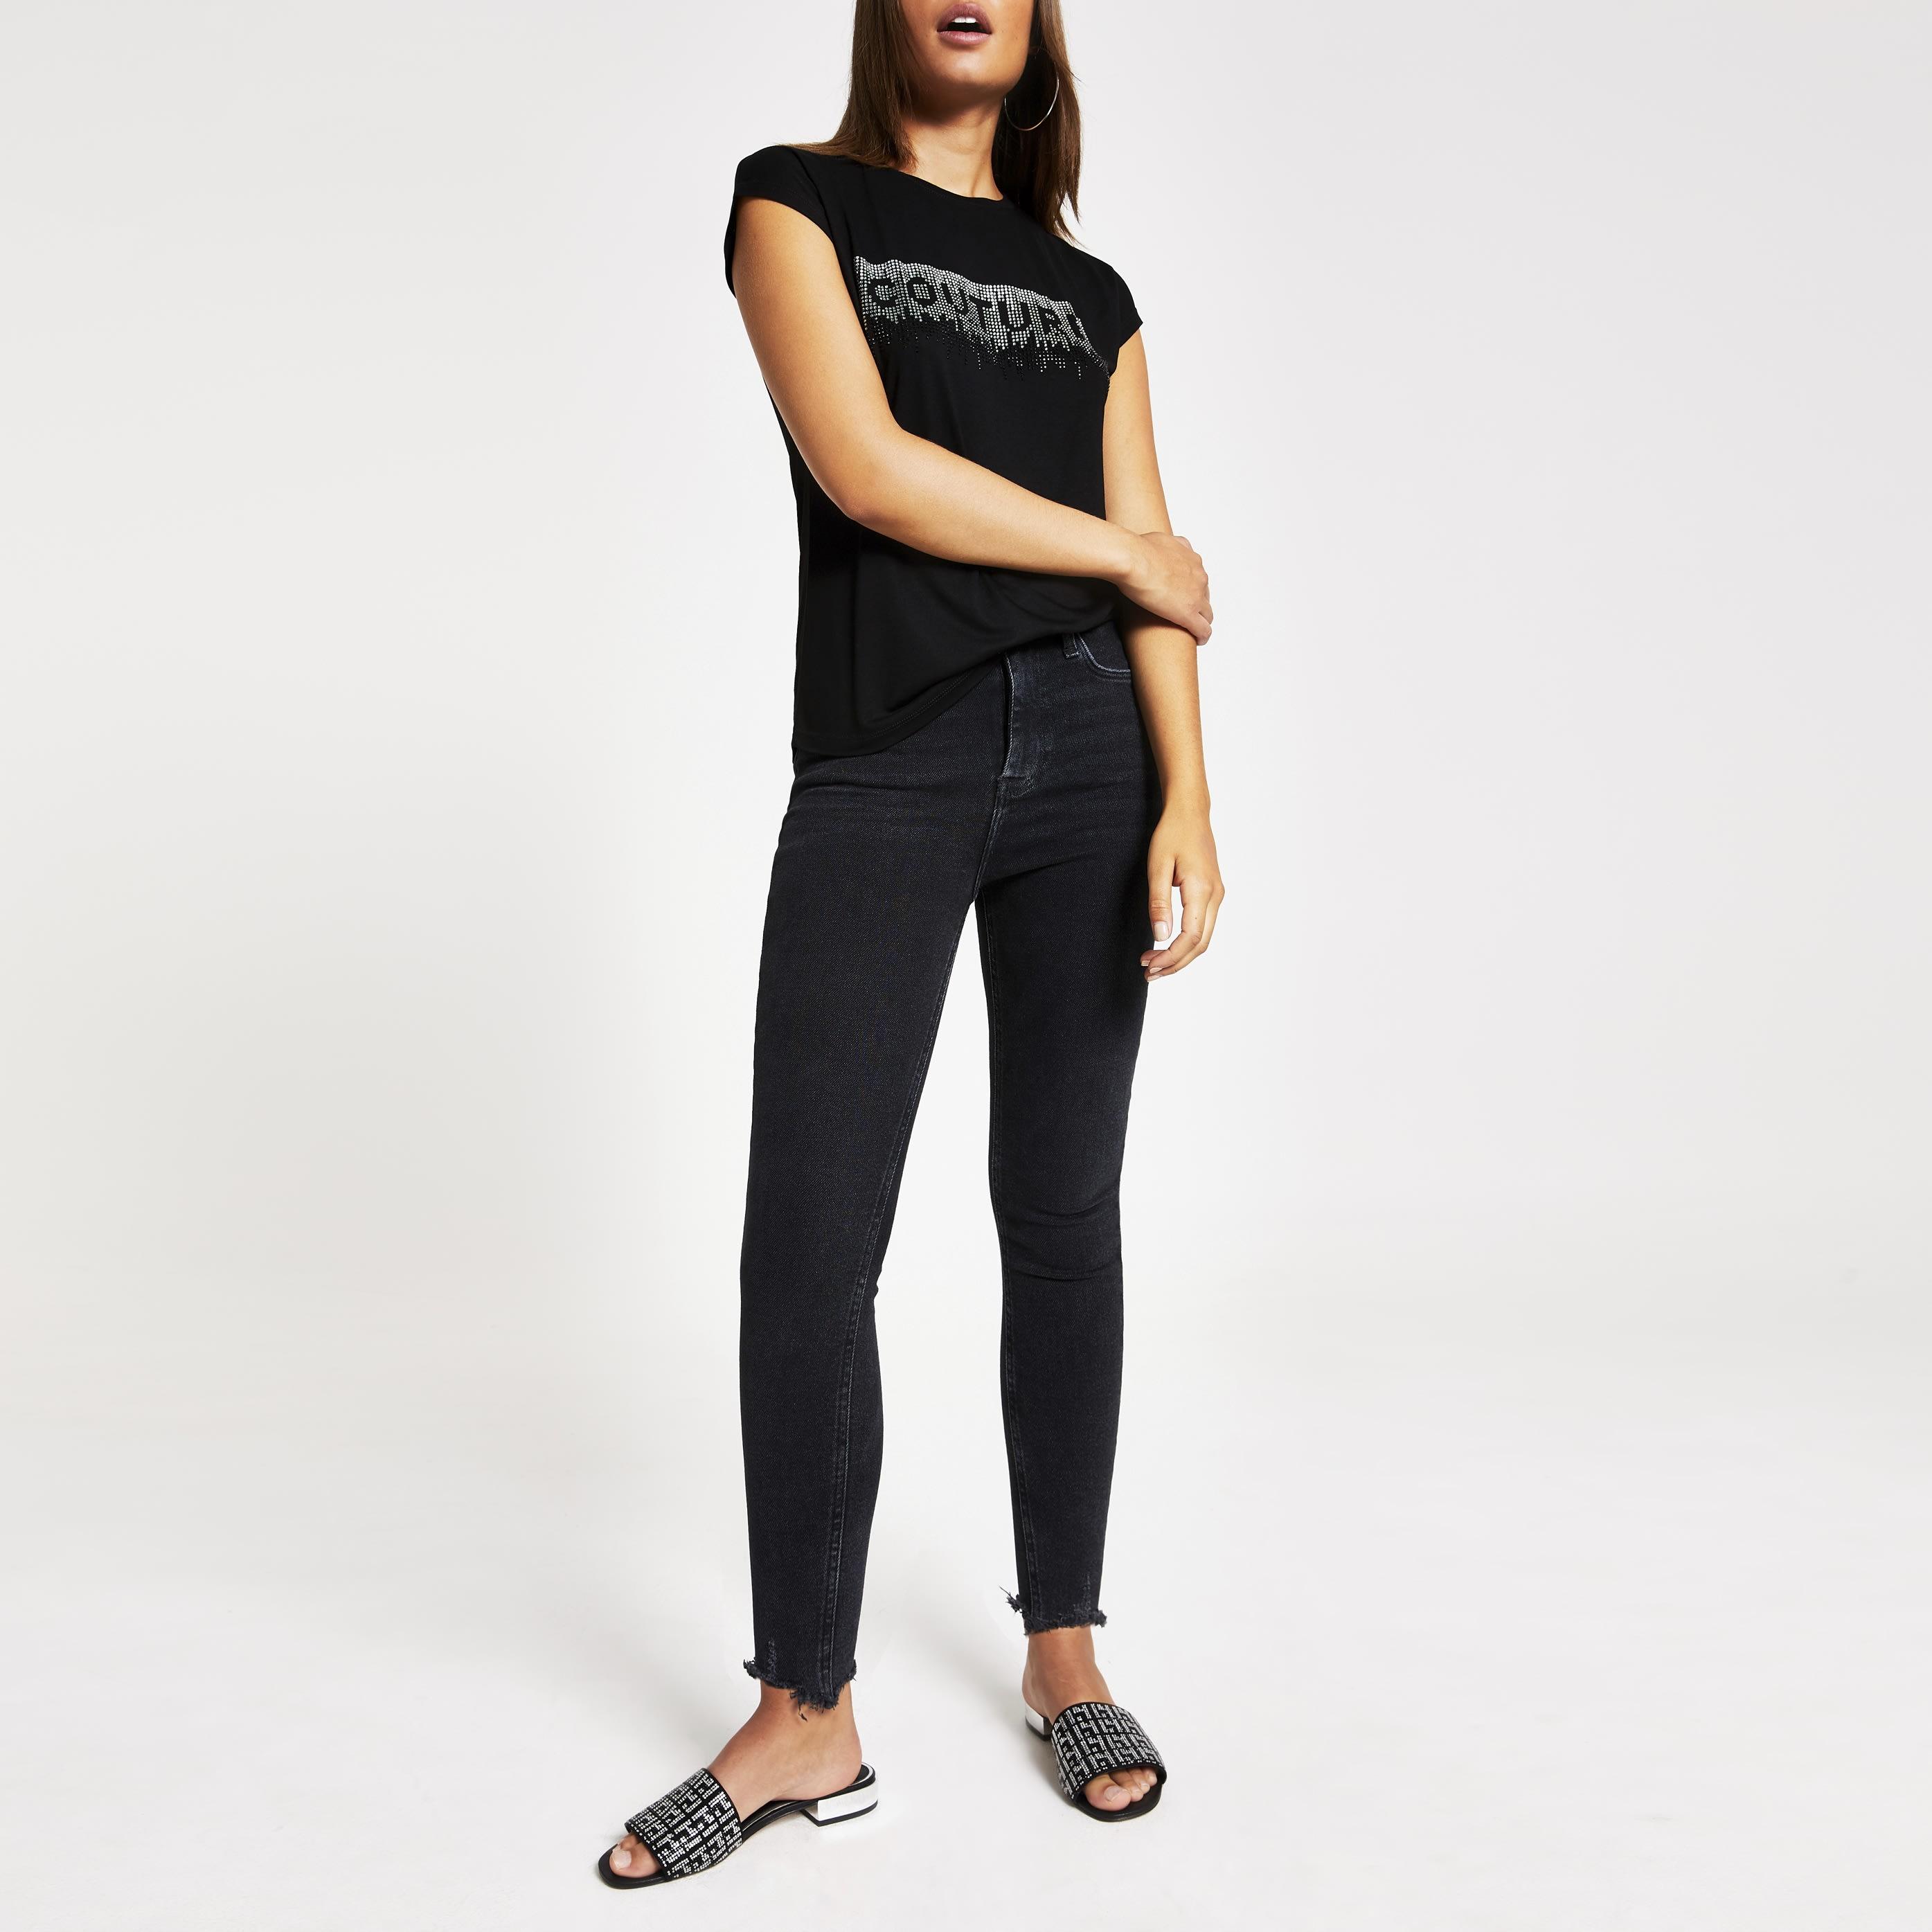 River Island Womens Black 'Couture' diamante frill trim T-shirt (12)